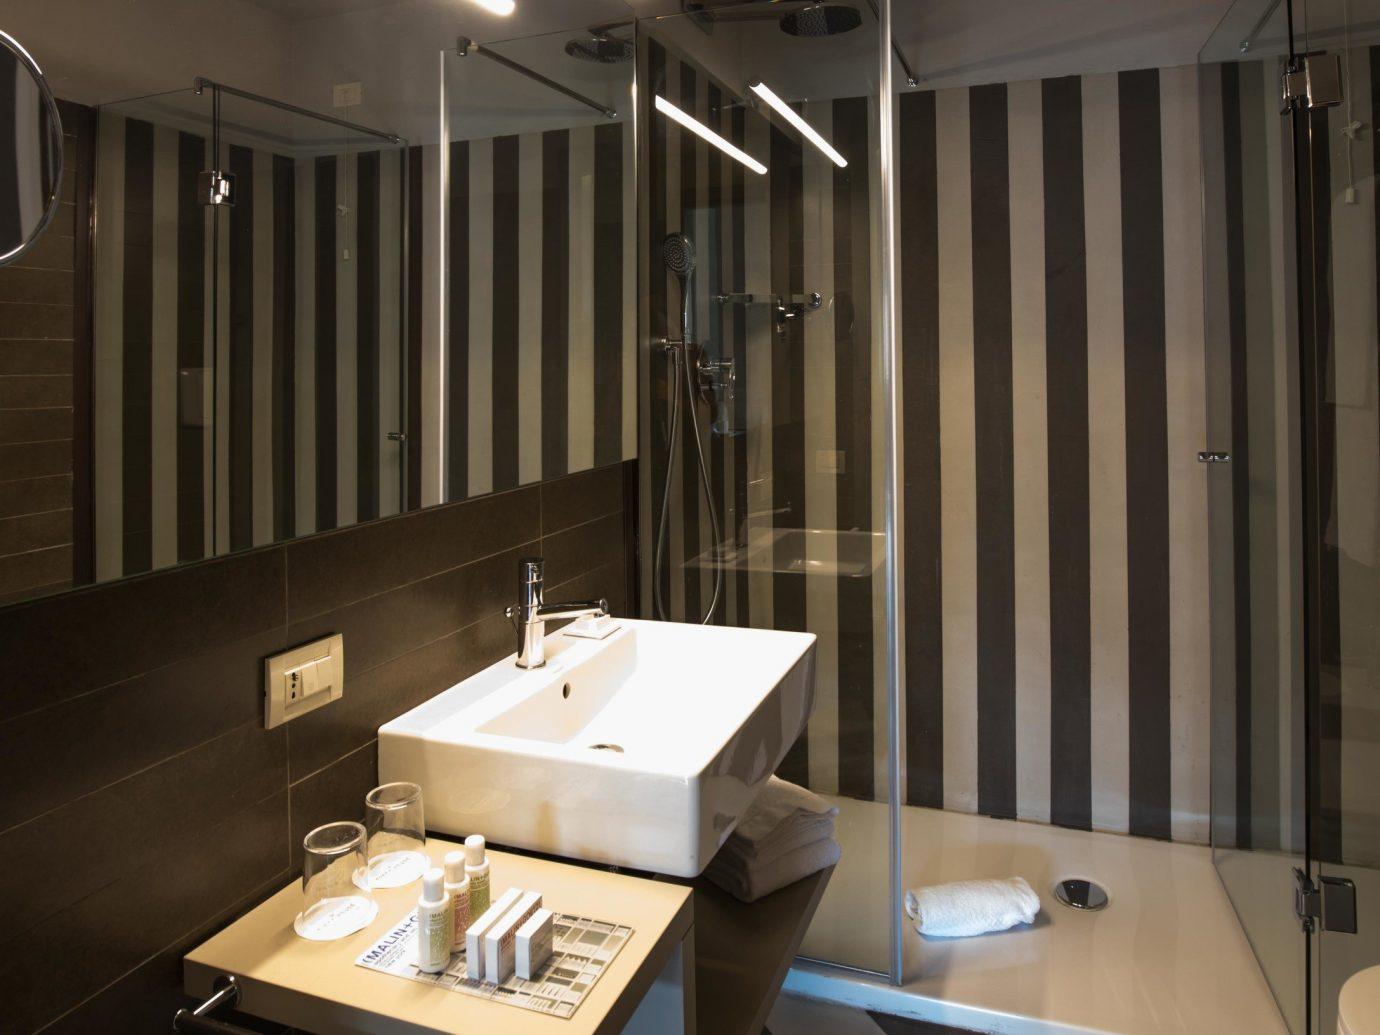 Hotels Italy Milan room interior design Architecture bathroom flooring public toilet interior designer